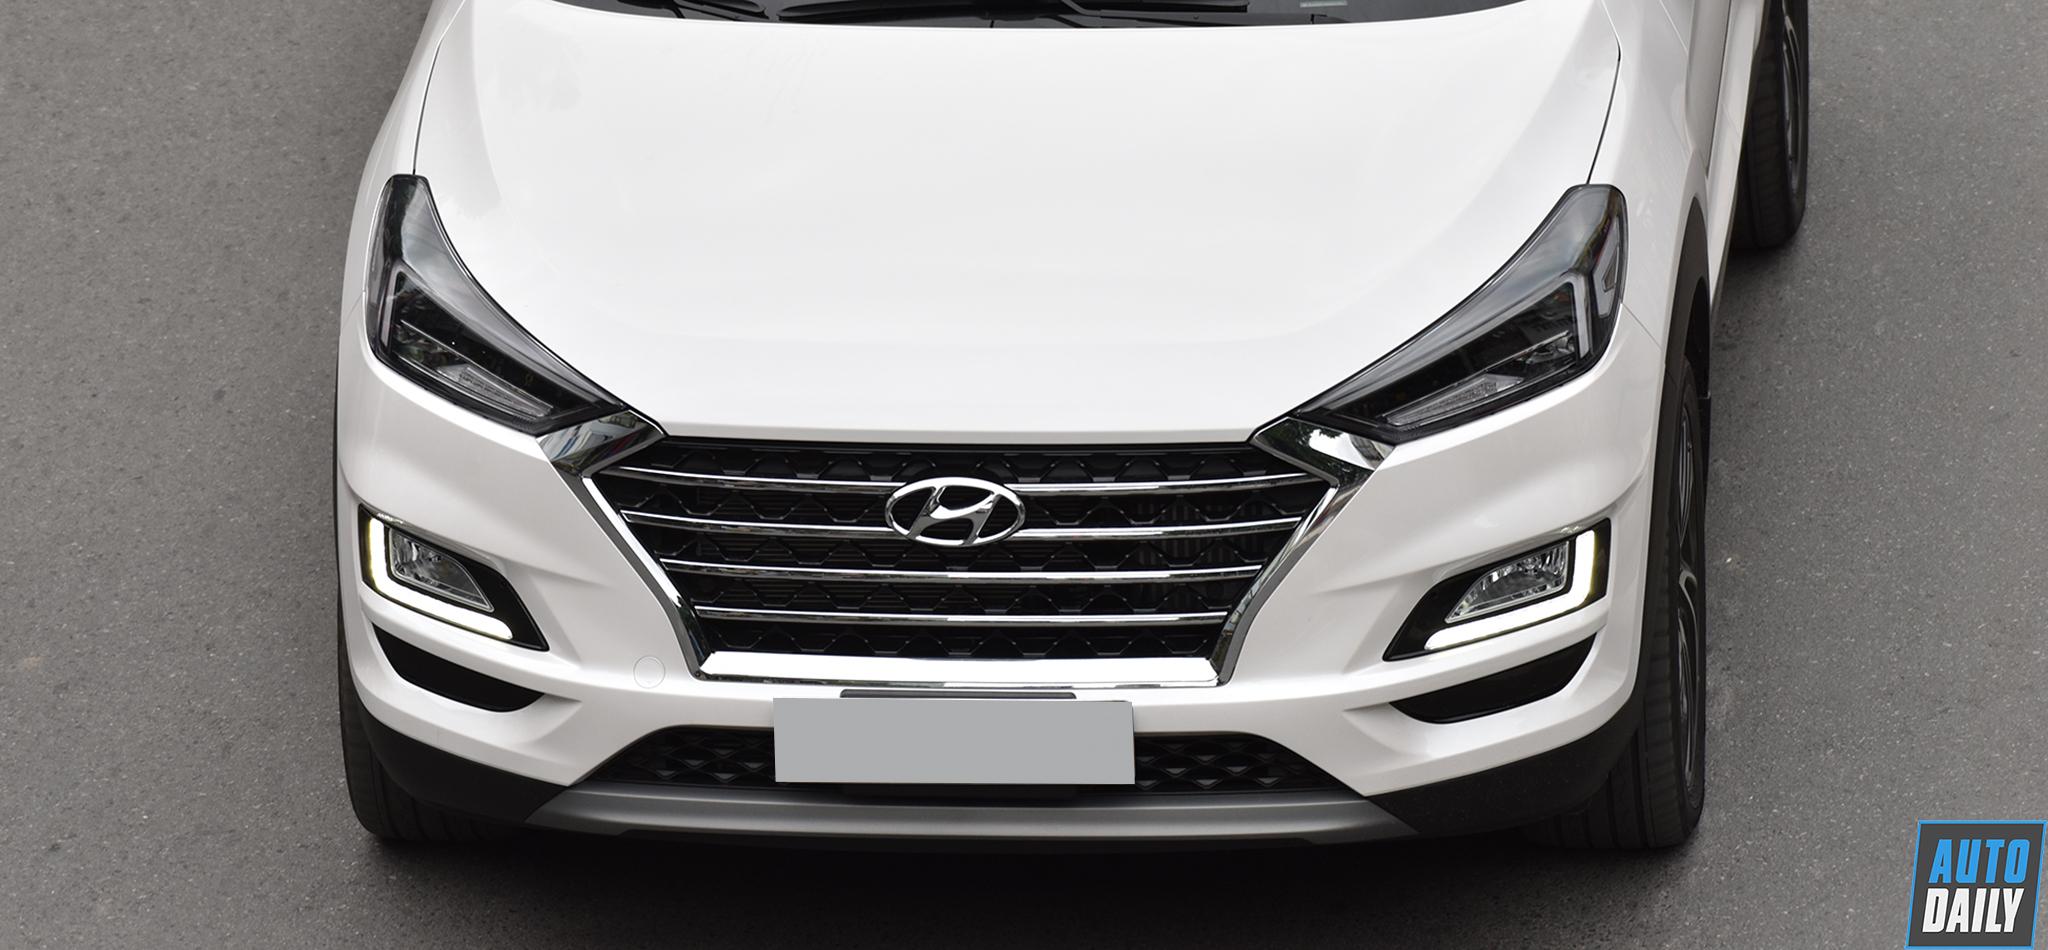 TC Motor đại diện cho Tập đoàn Thành Công trong lĩnh vực ô tô tại Việt Nam